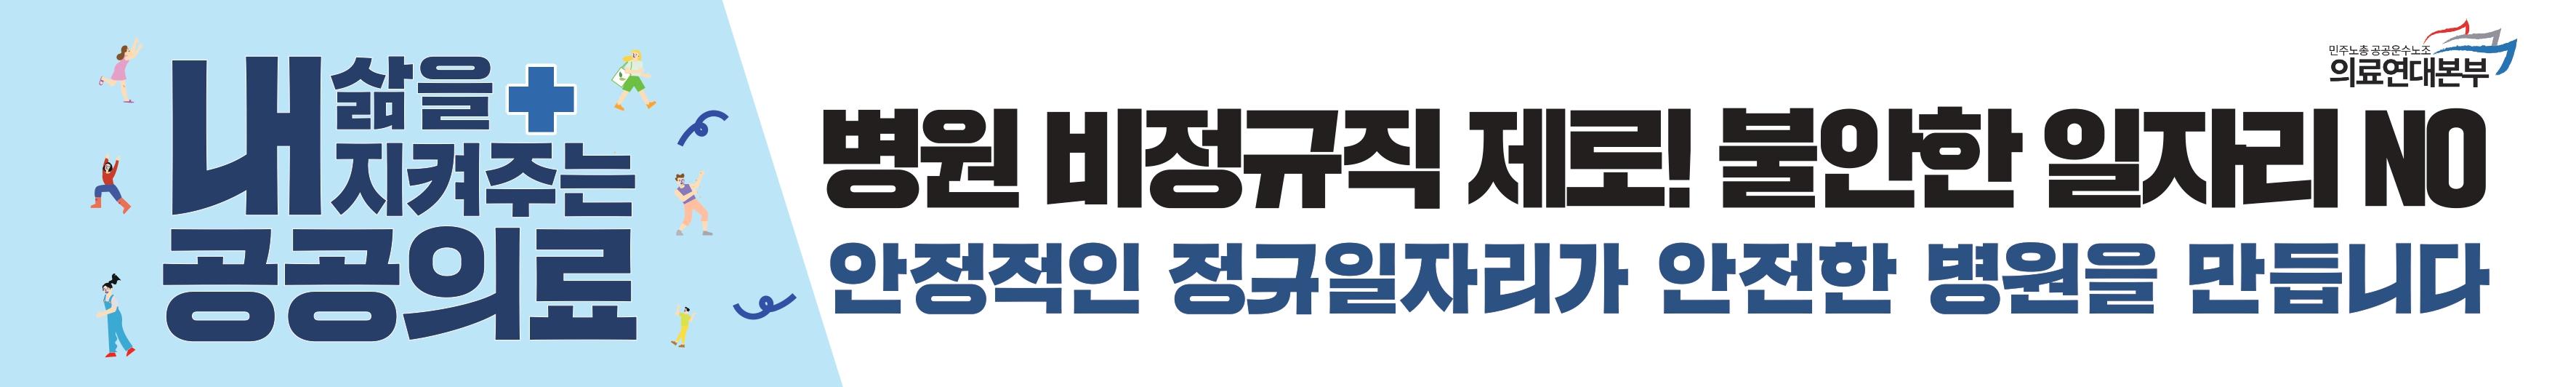 내삶공 플랑(비정규직 정규직화).jpg